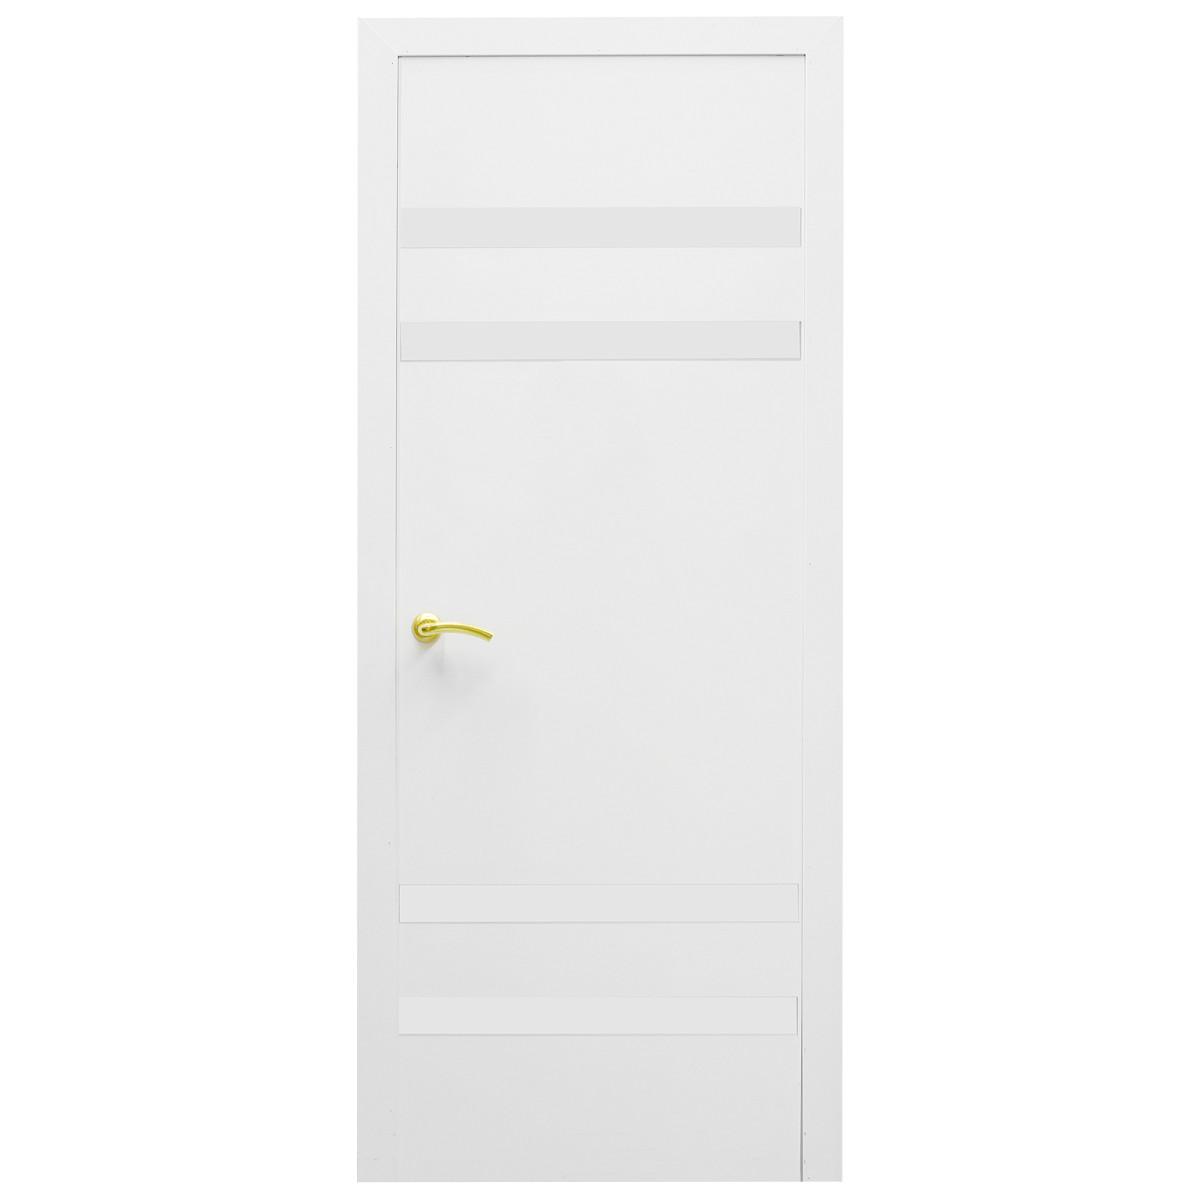 Дверь межкомнатная остеклённая Модерн 60x200 см ламинация цвет белый